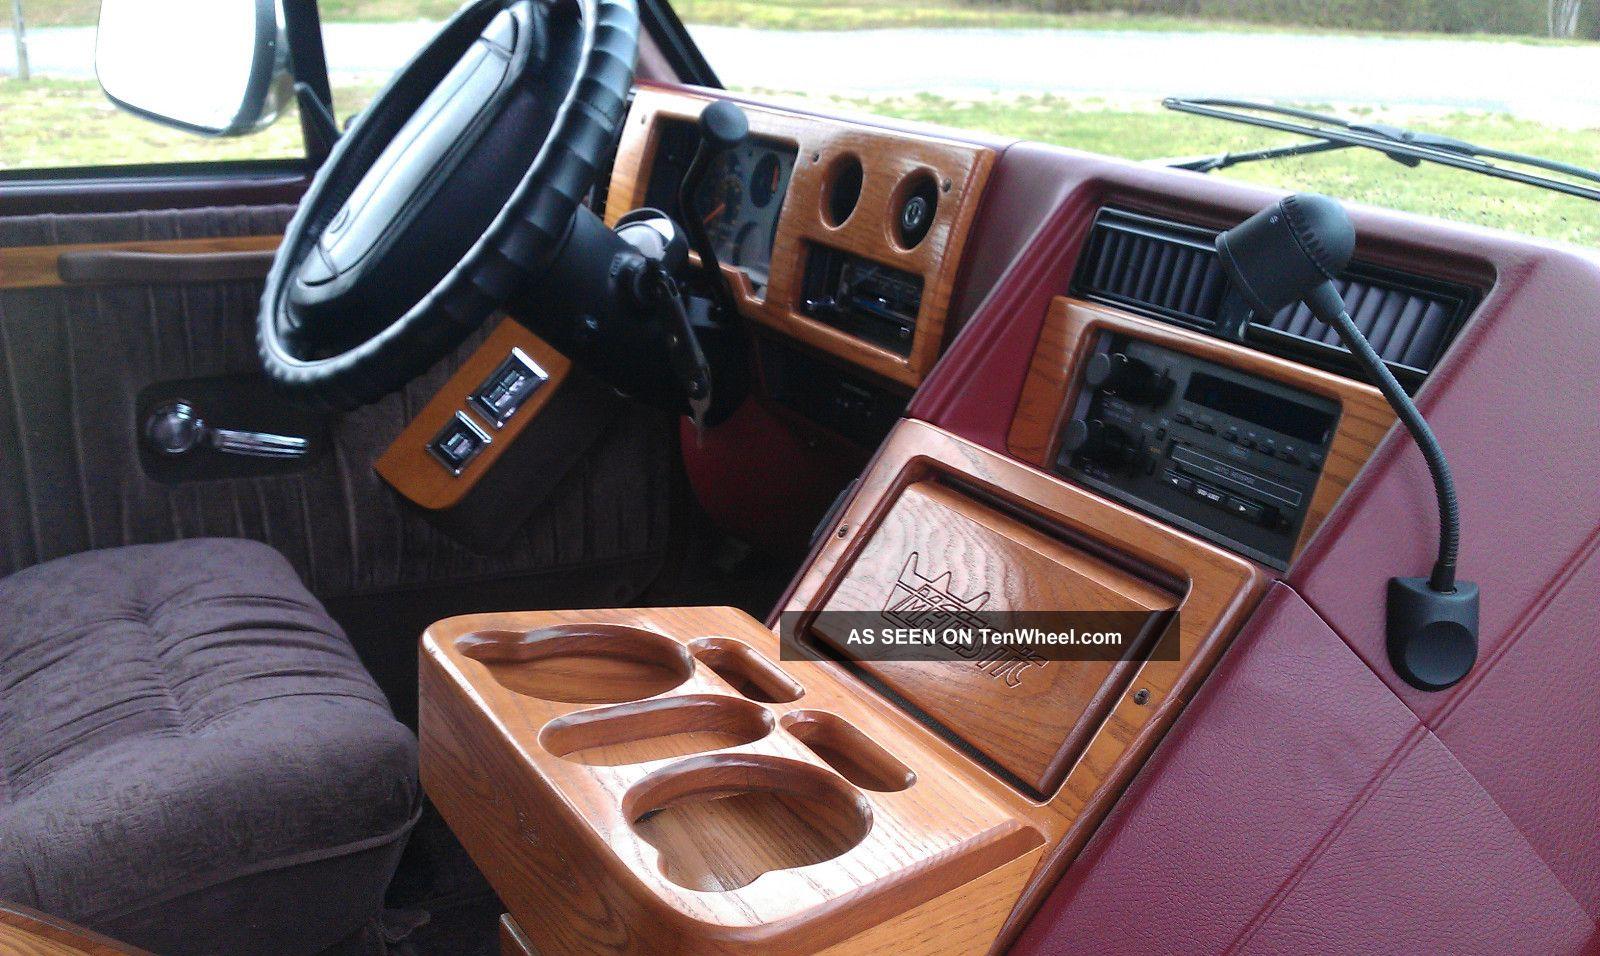 1994 Chevy Van